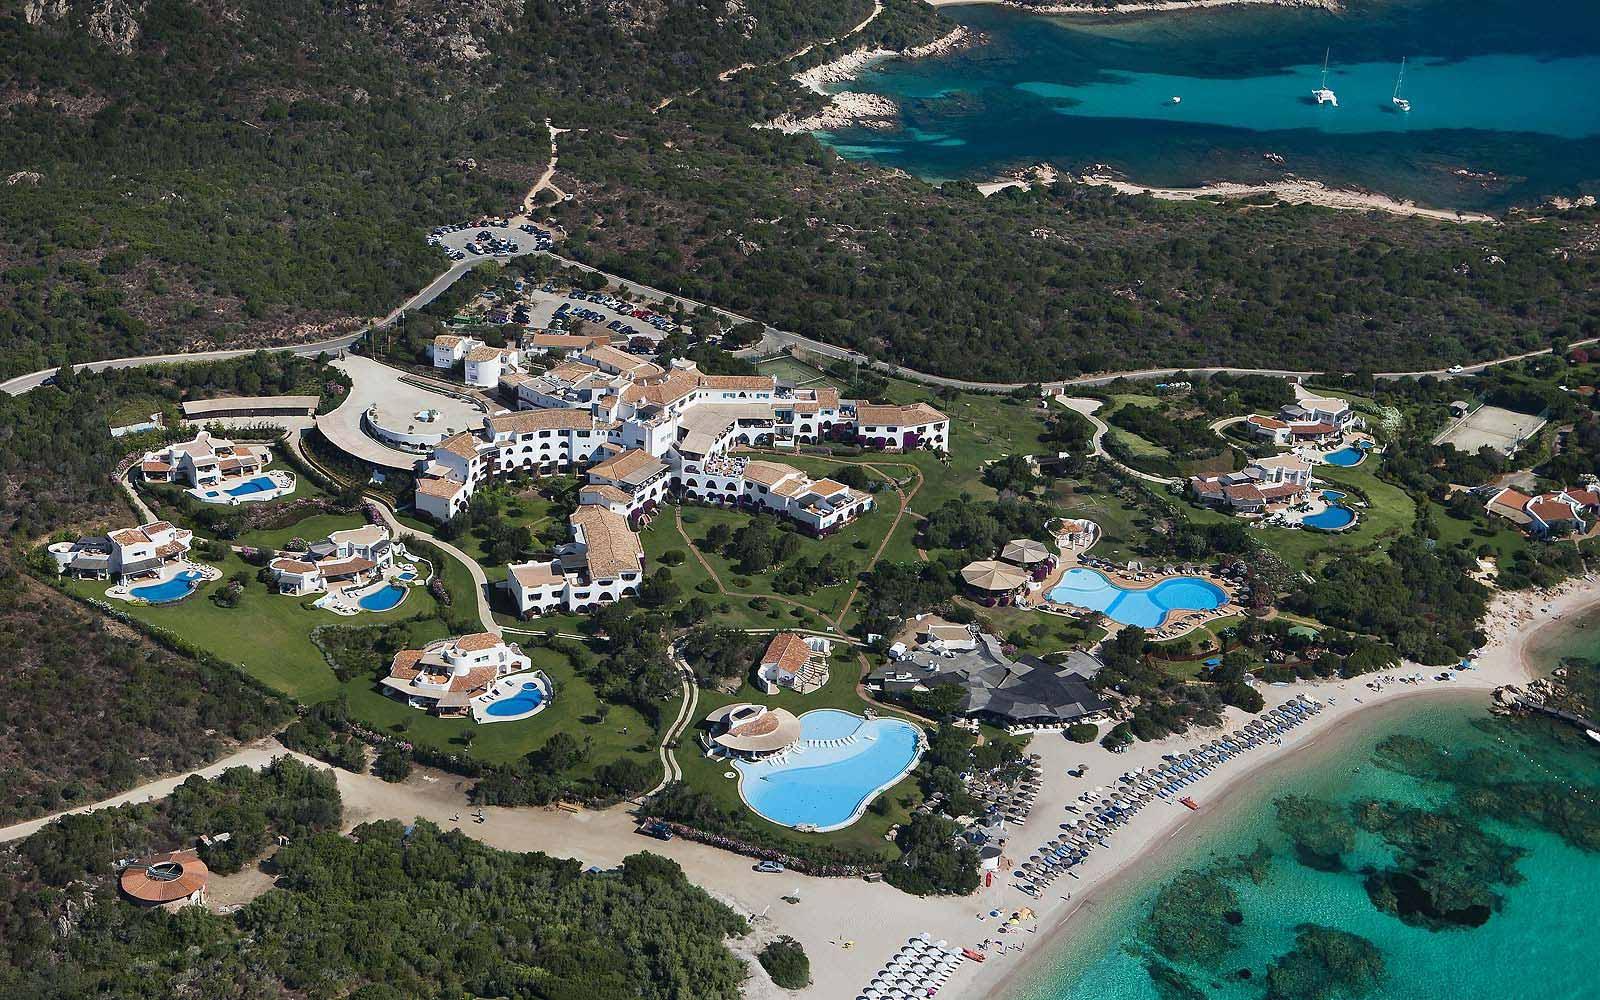 Panoramic view of the Hotel Romazzino